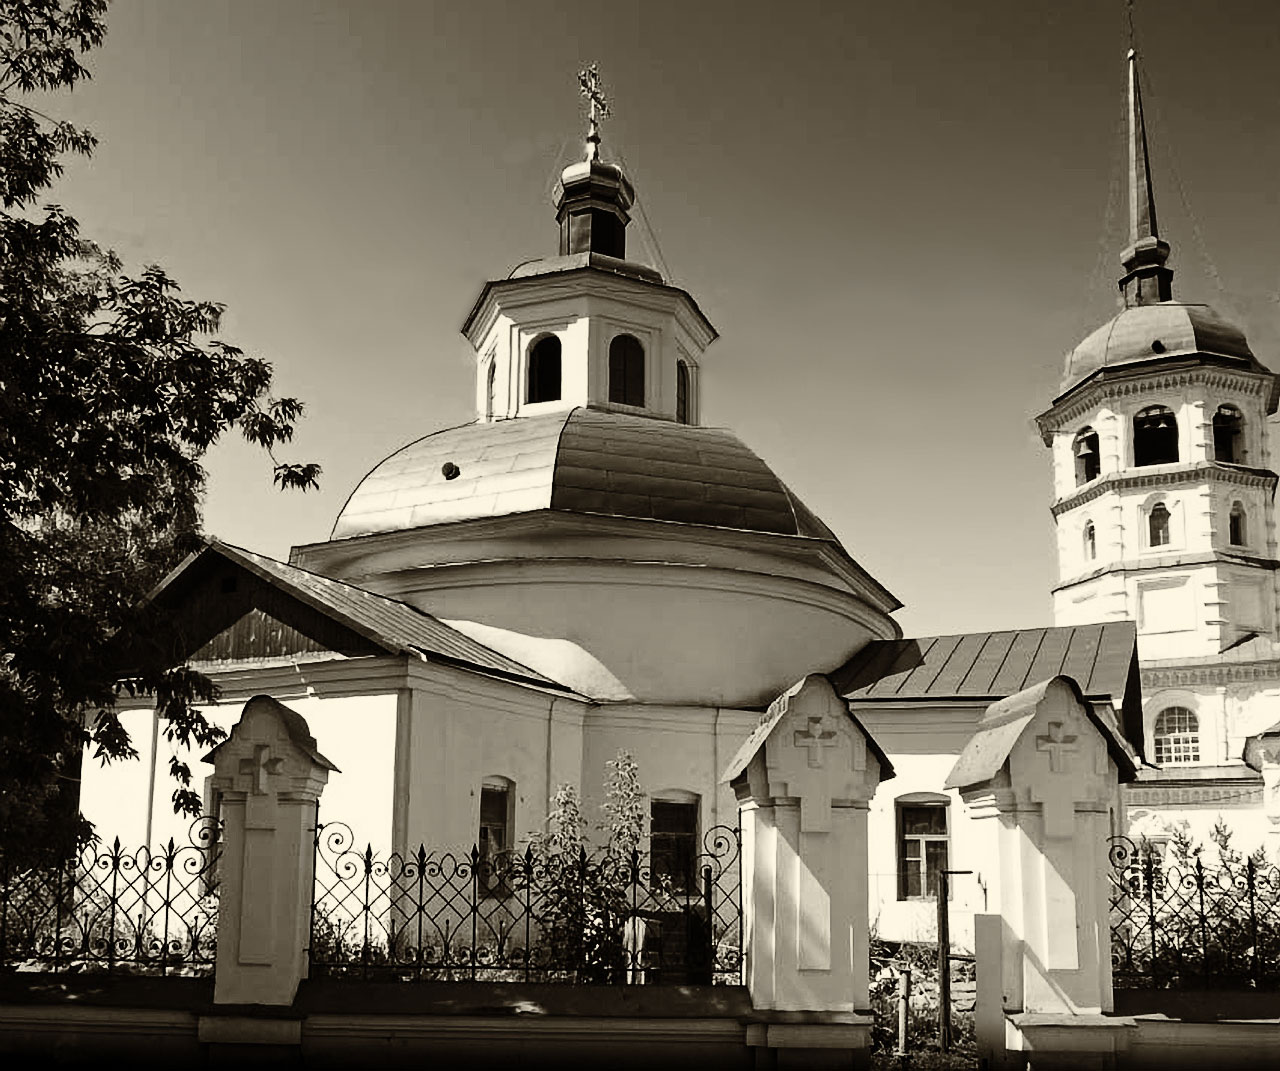 Церковь Святого Григория, епископа Неокесарийского) . Построена в 1802 г. по проекту архитектора А.И. Лосева